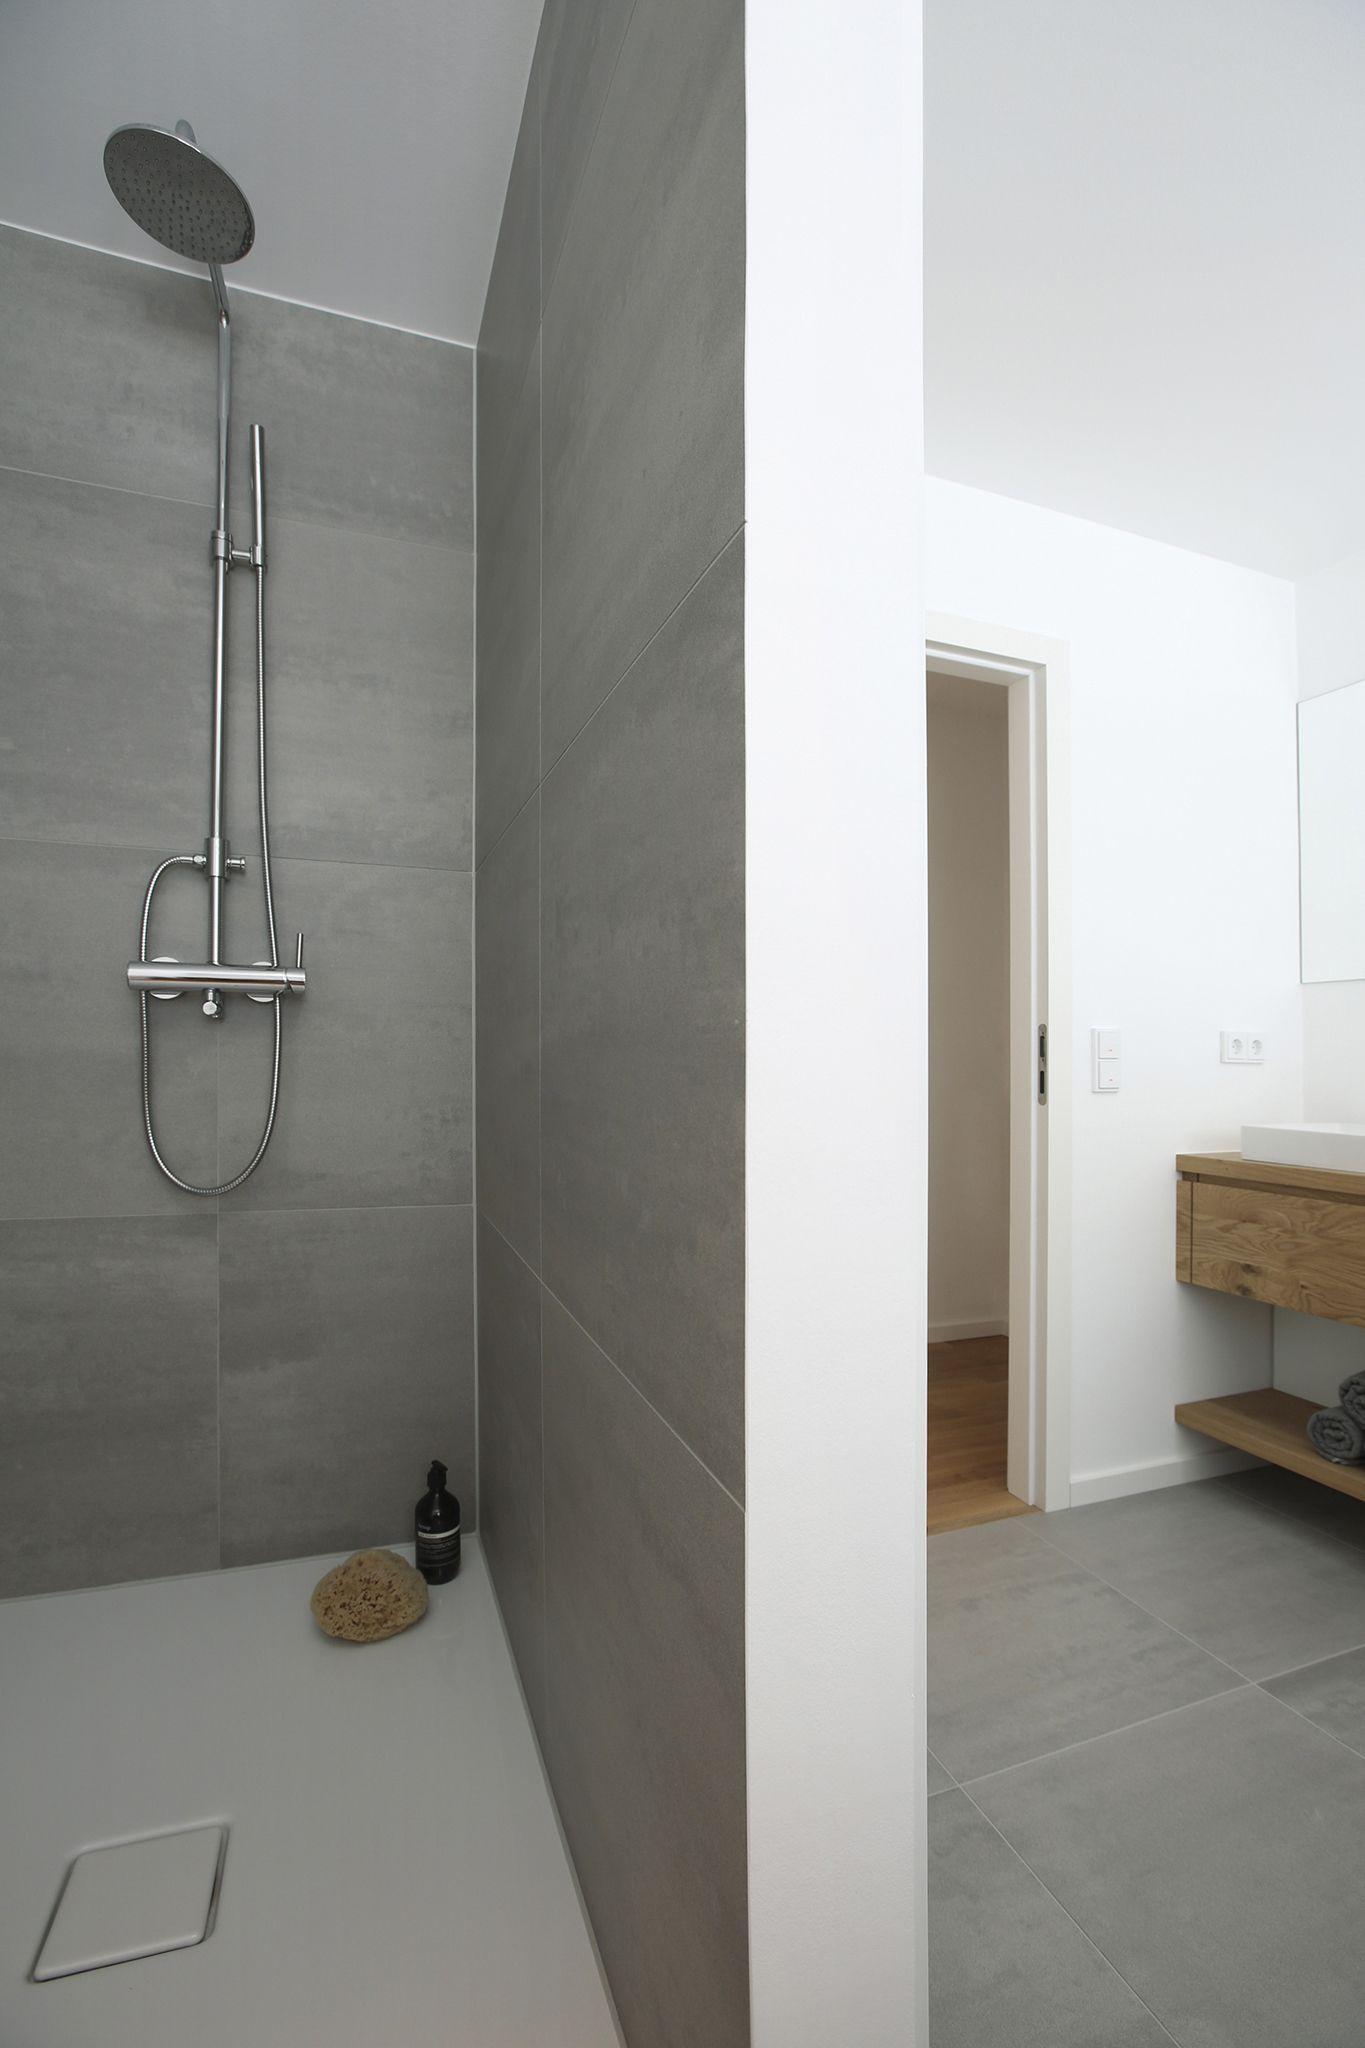 Im 1 Og Des Einfamilienhauses Wurde Ein Weiteres Bad Mit Badewanne Dusche Und Grossem Waschtisch Aus Massiver Eiche In Eine Innenarchitektur Dusche Badewanne